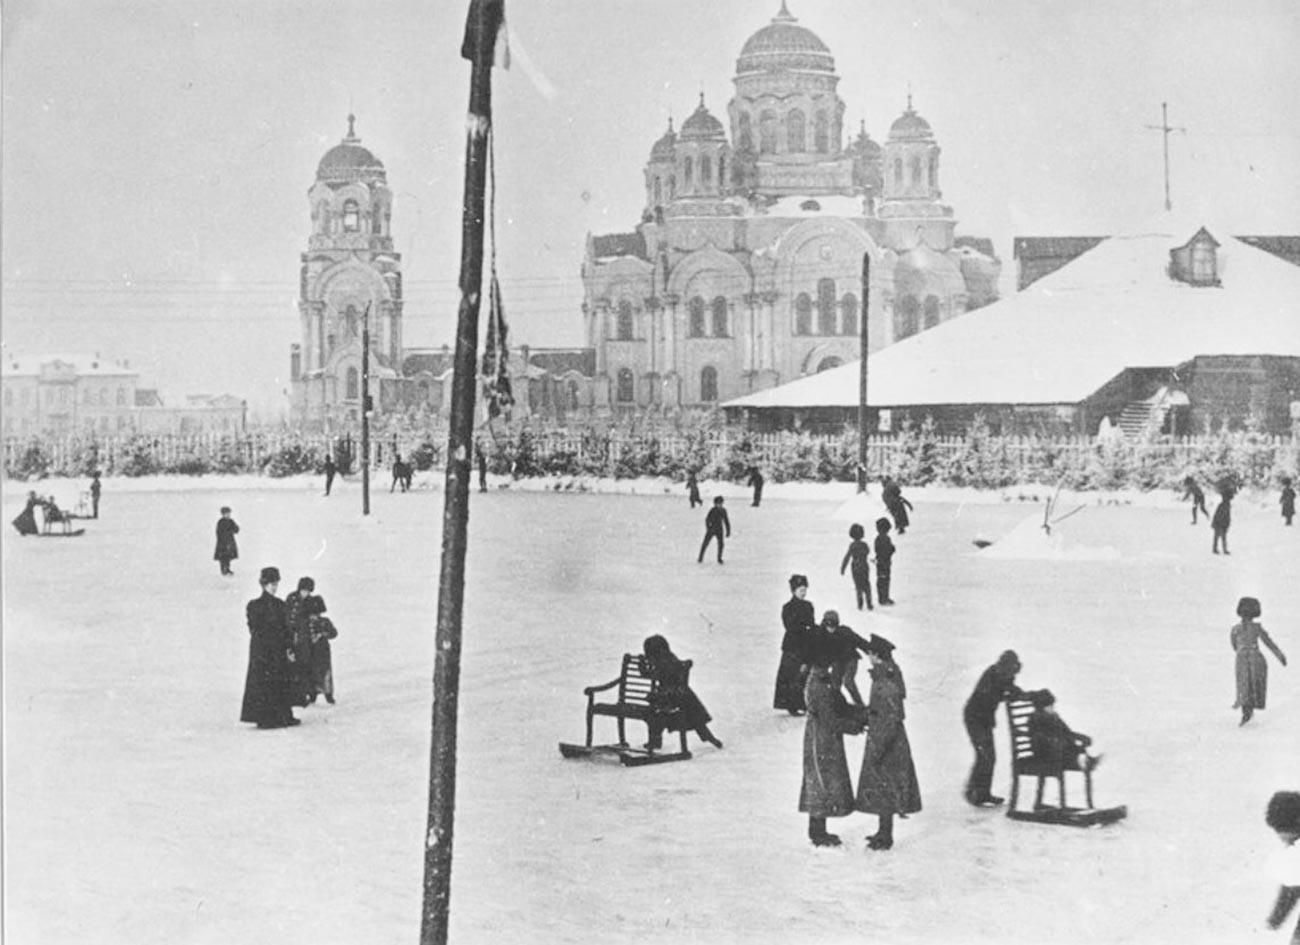 Иркутск, Кировски трг, крај 19. века